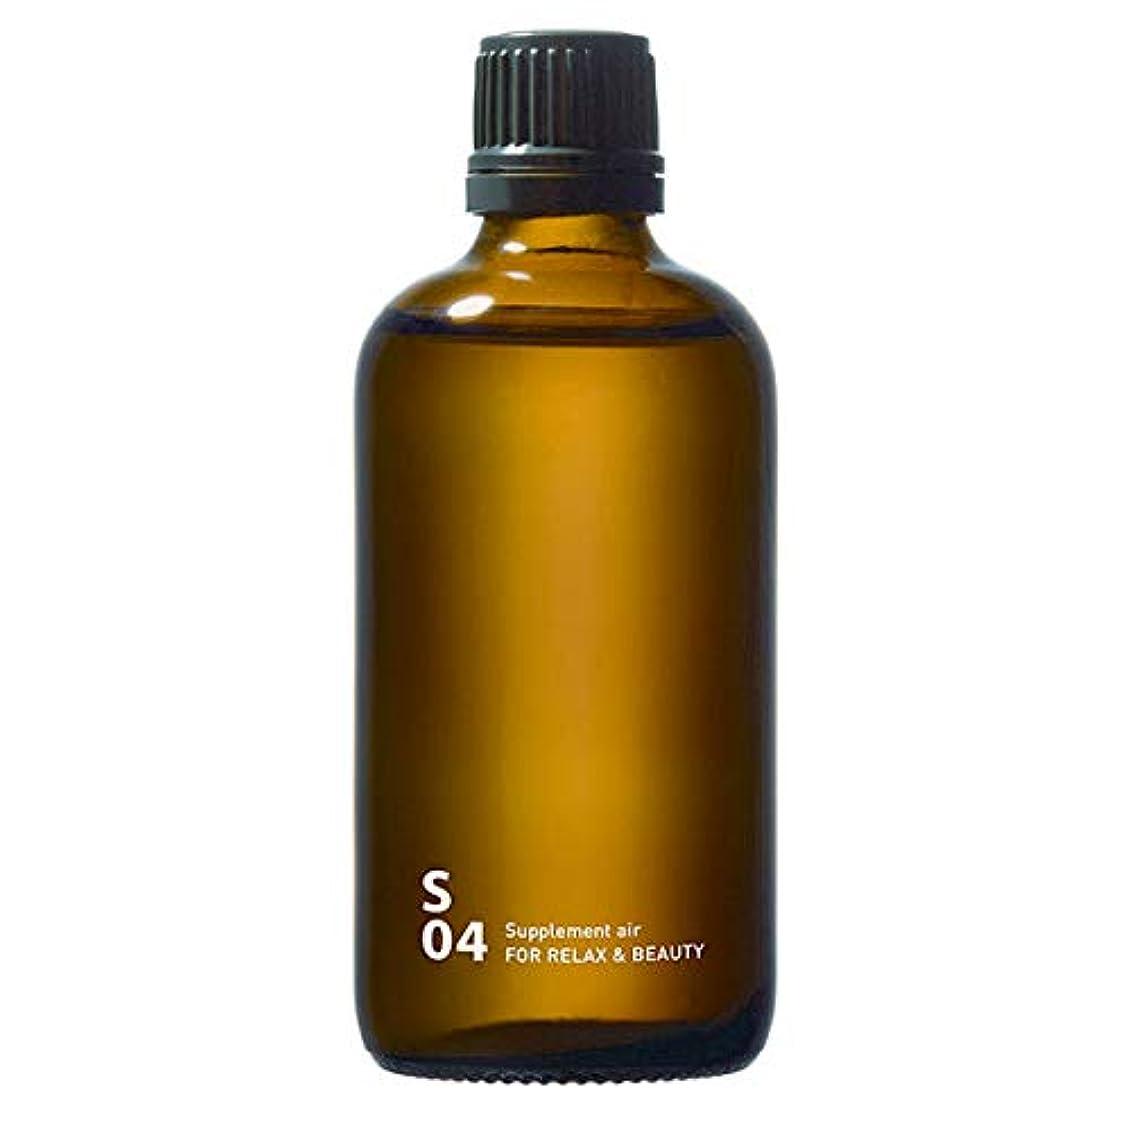 の慈悲で戸棚完璧なS04 FOR RELAX & BEAUTY piezo aroma oil 100ml